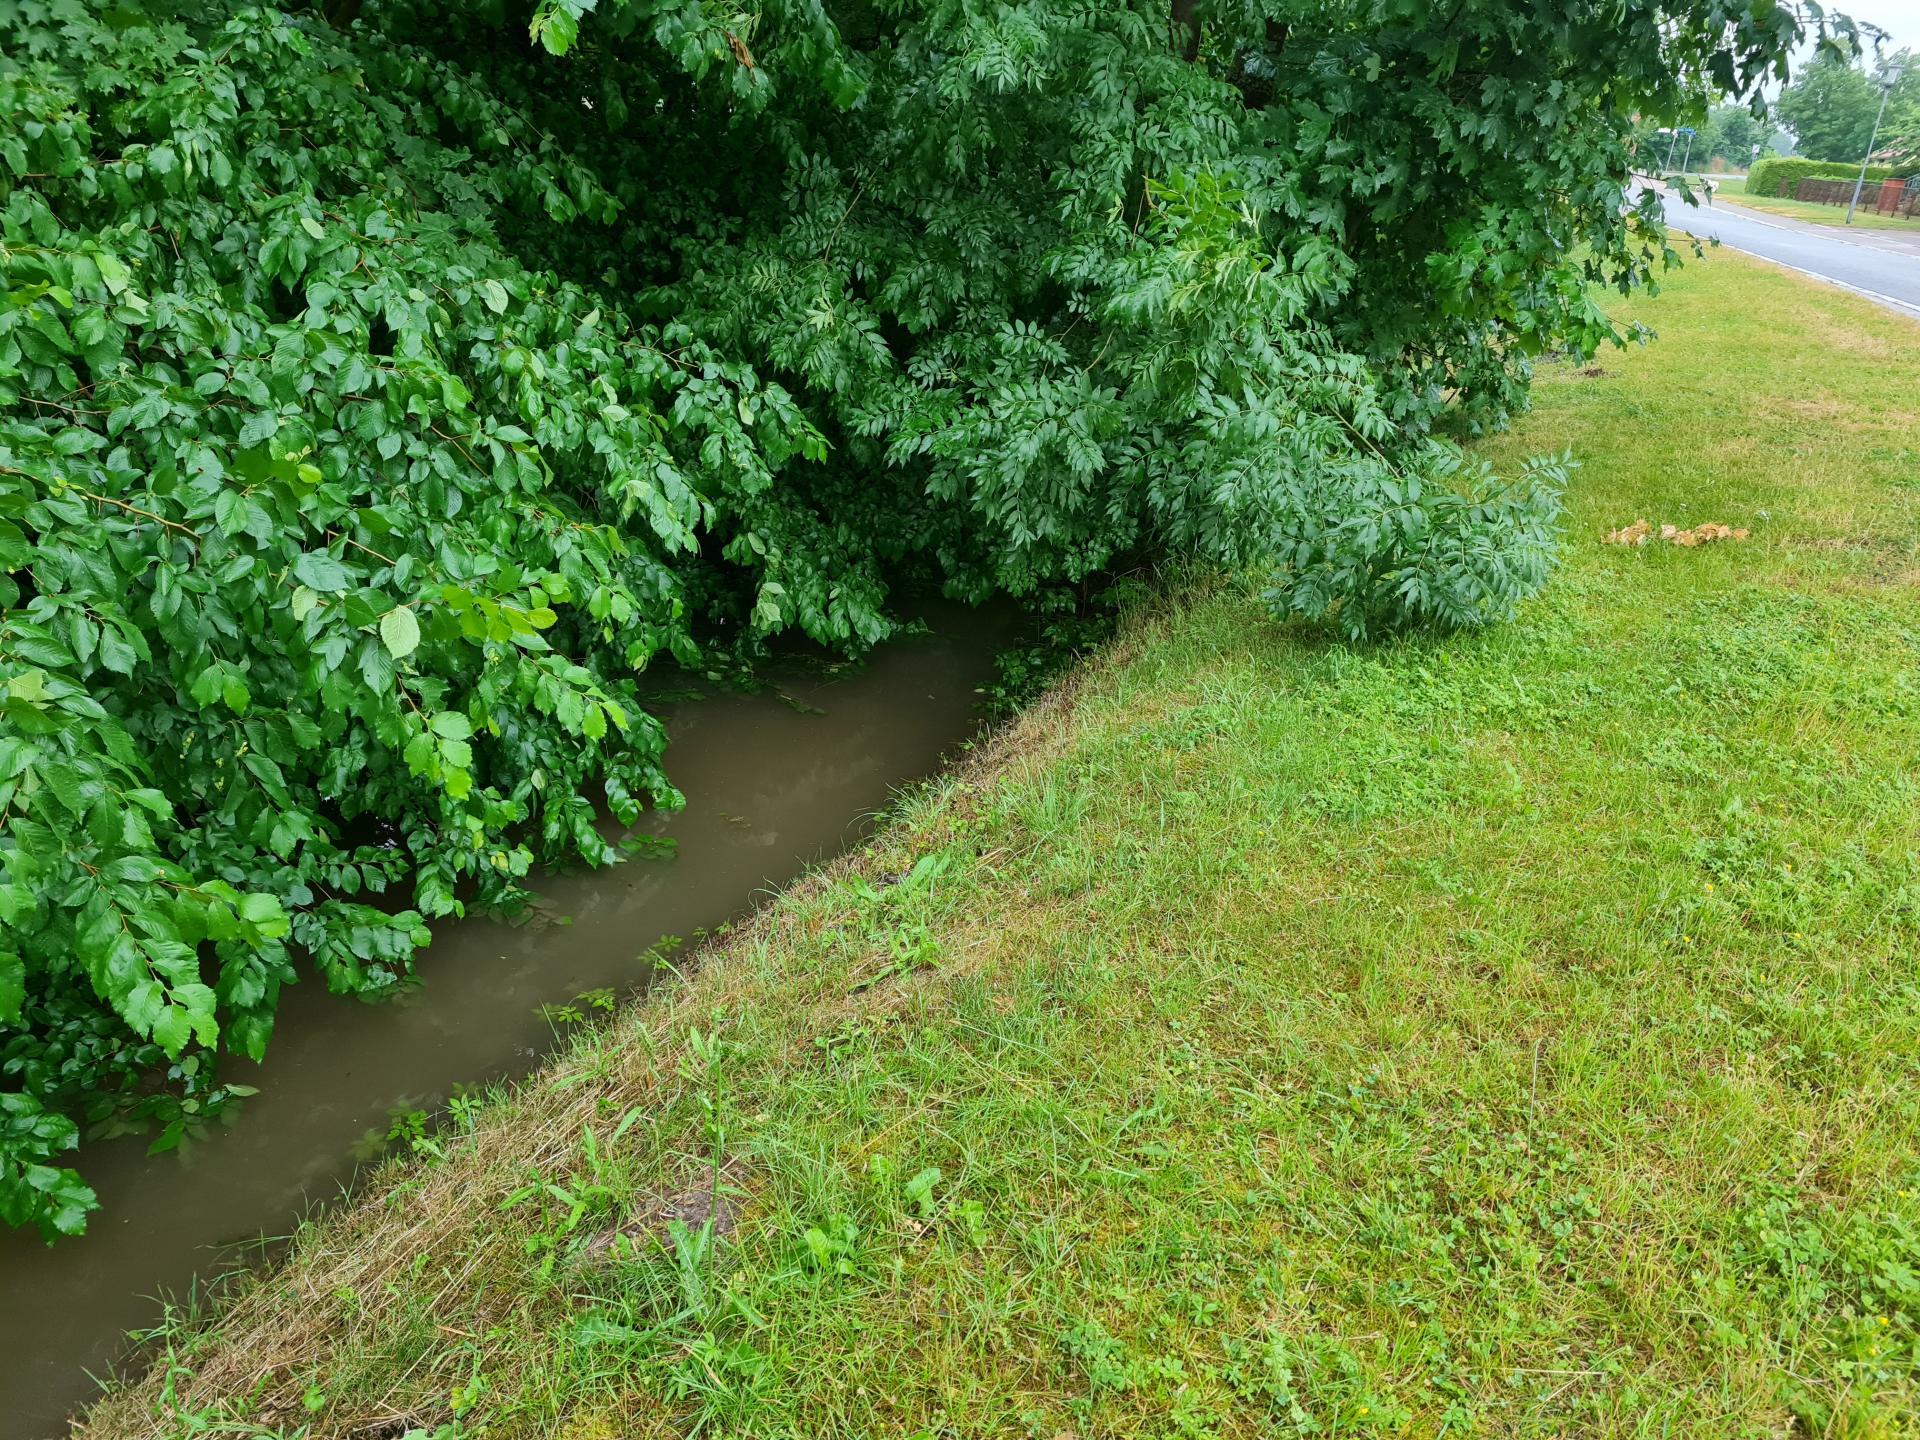 Der sonst so bescheidene Seegraben erreichte einen historischen Wasserstand.